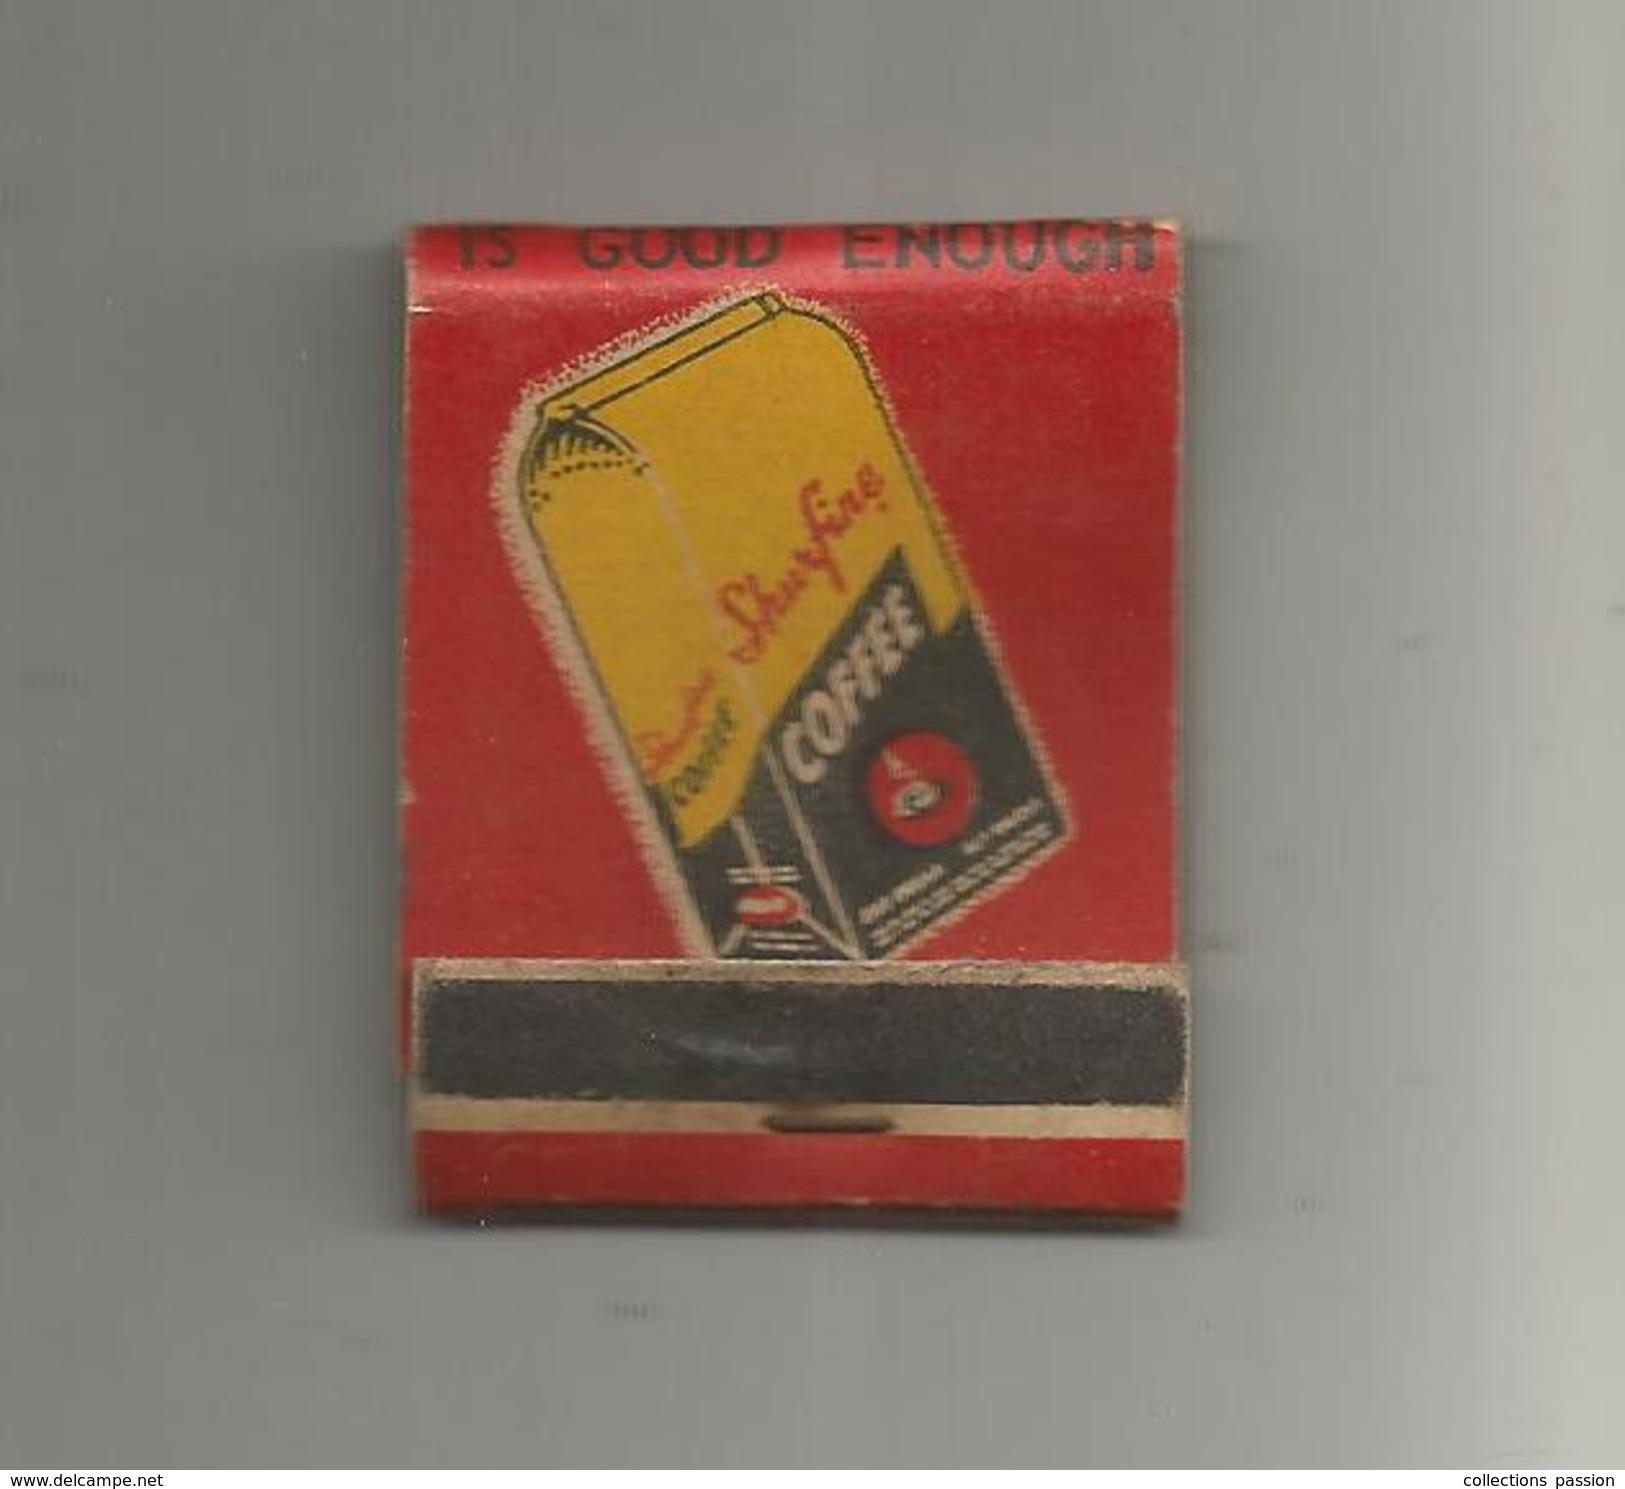 G-I-E , Tabac , Boites , Pochette D'ALLUMETTES , 2 Scans ,  Publicité  , SHURFINE , Coffee , Café , Fruits And Vegetable - Matchbox Labels